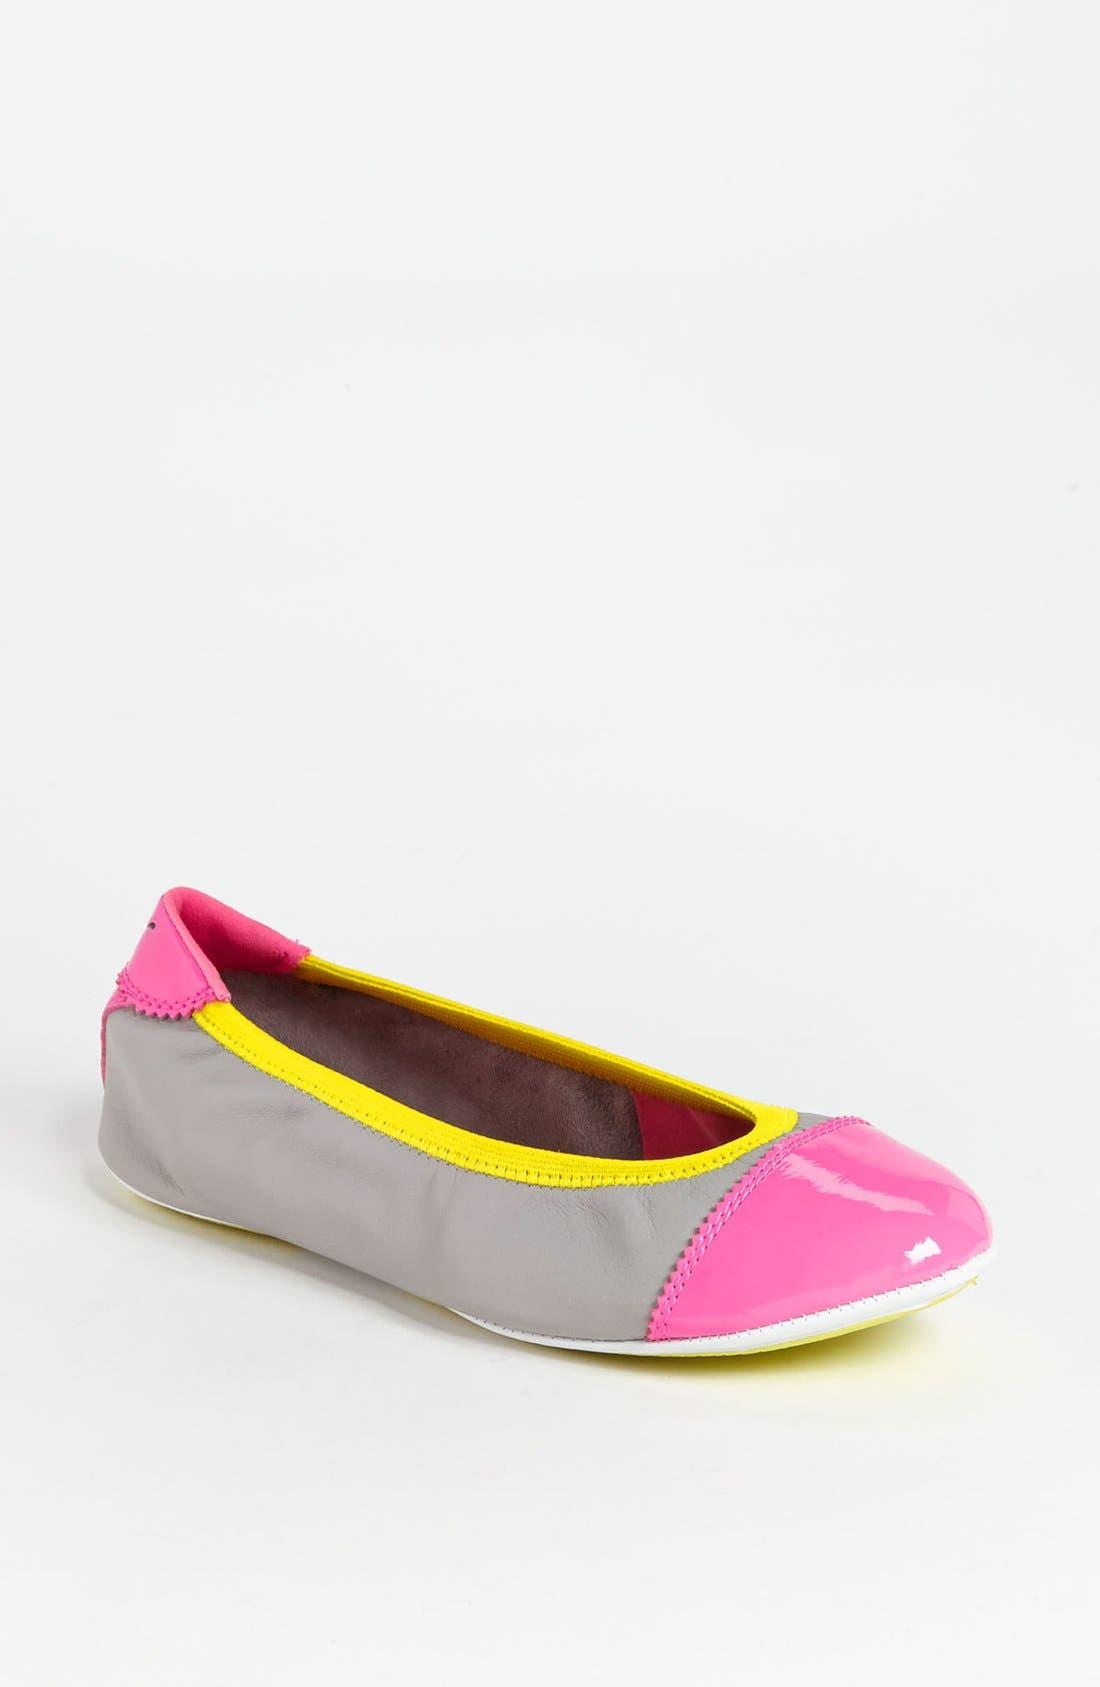 Main Image - PUMA 'Kitara' Cap Toe Ballet Flat (Women)